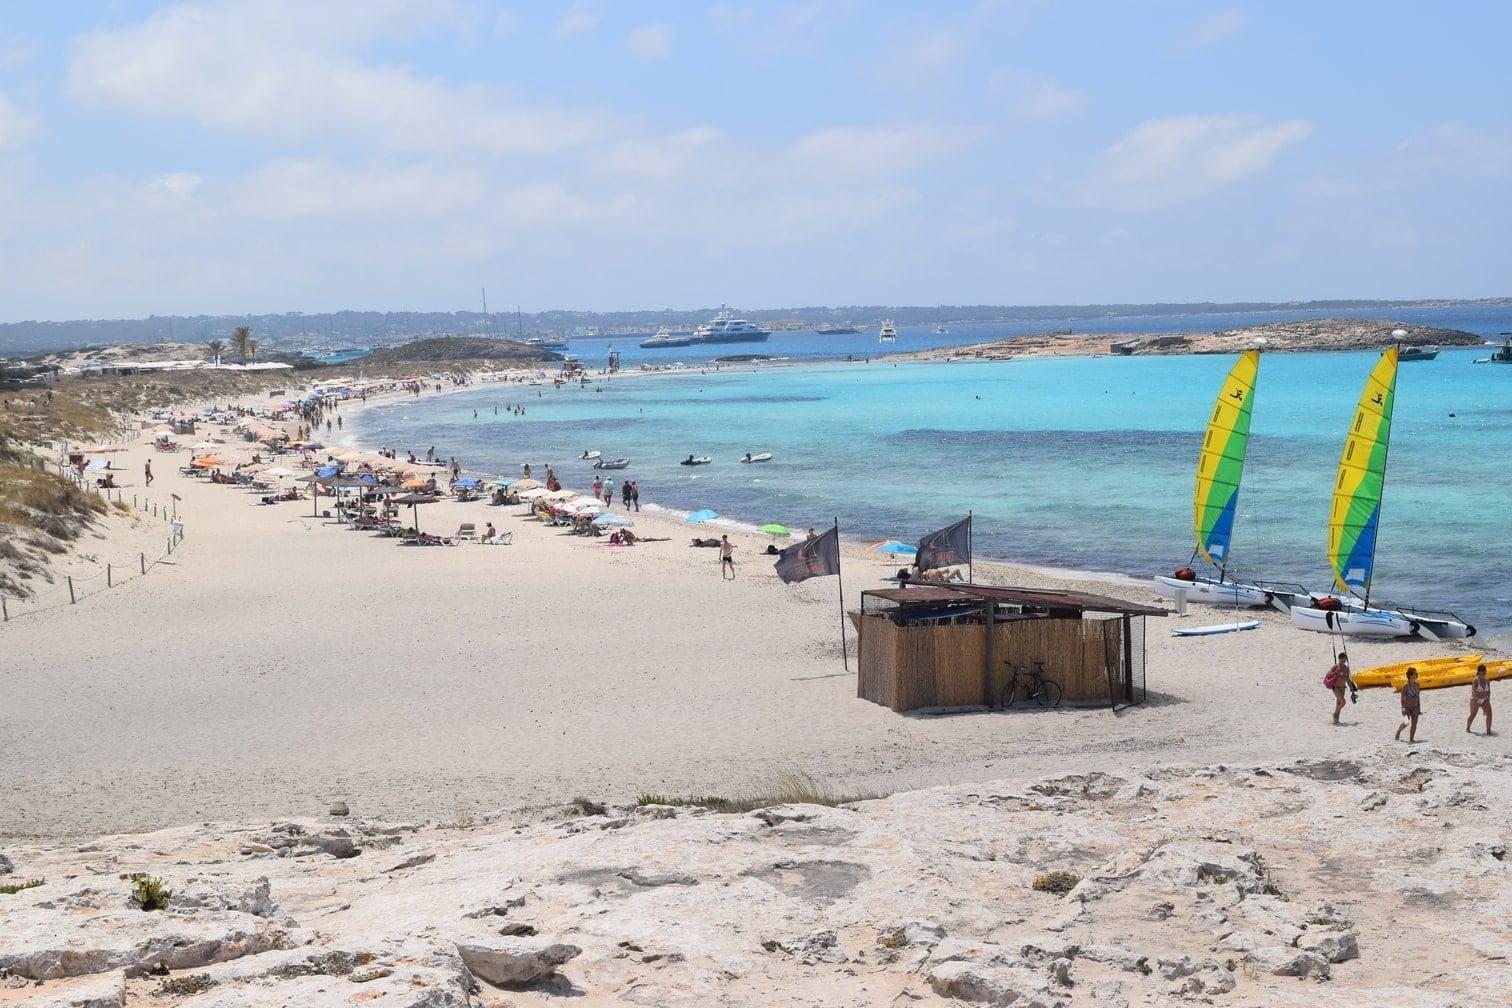 <p><strong>Platz 2:</strong> Der Name Diani Beach ist weltweit bekannt und lockt Jahr für Jahr eine große Zahl von internationalen Strandurlaubern in die zahlreichen komfortablen Hotelanlagen